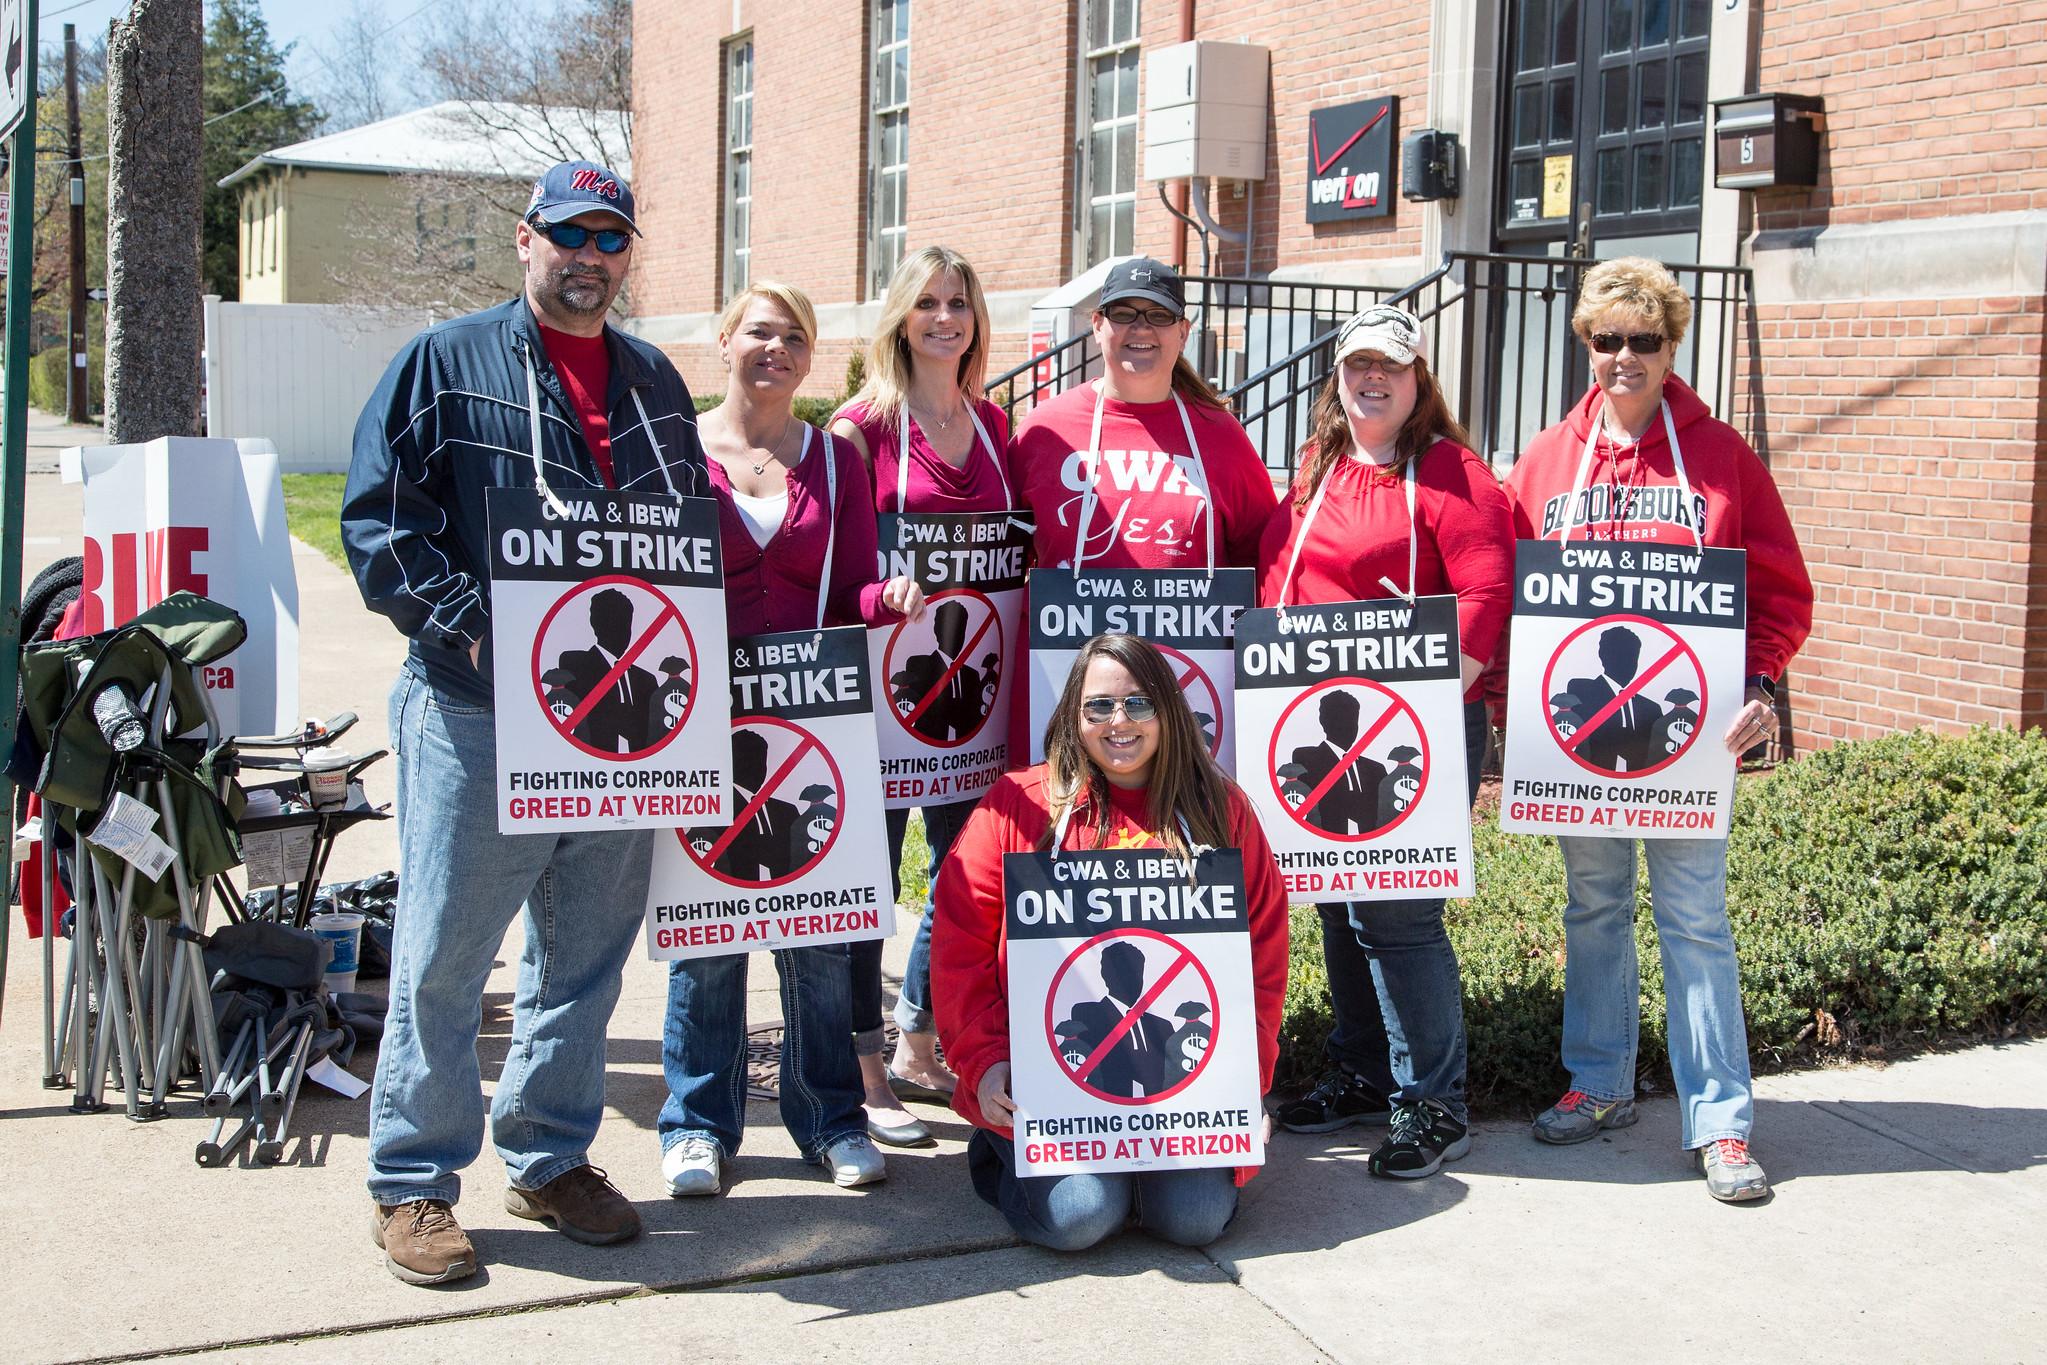 CWA and IBEW workers on strike